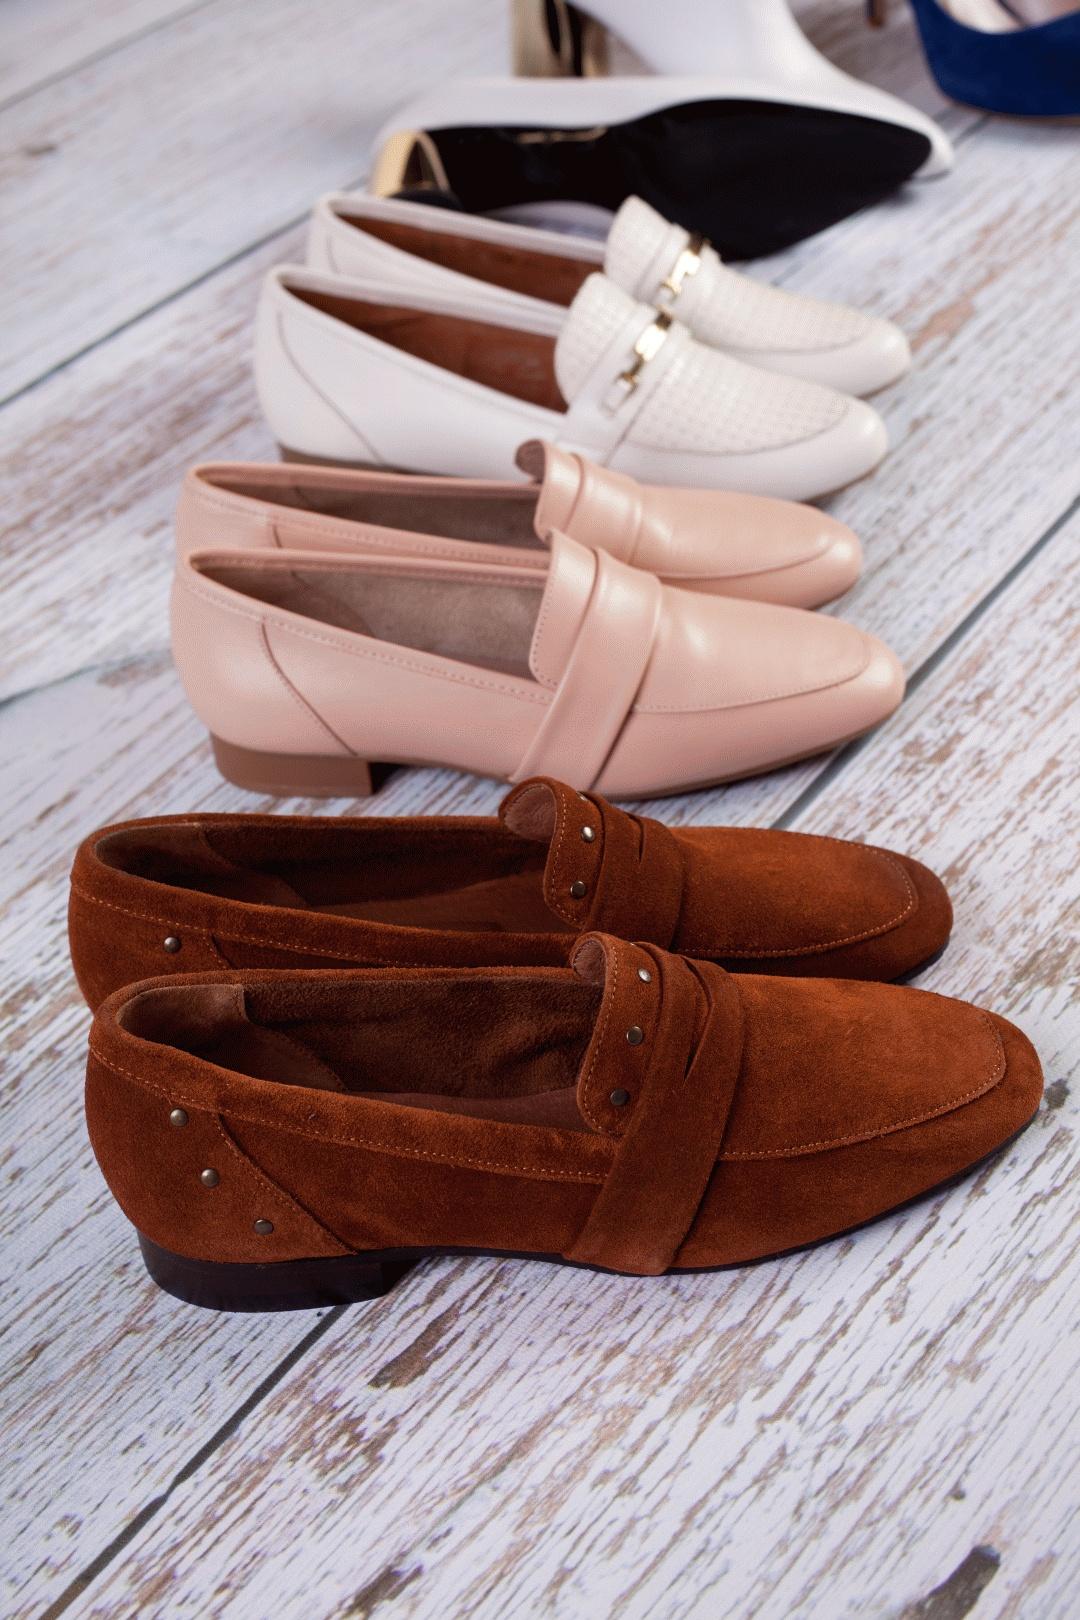 34a7bcb39c6cfd Dlatego warto wybrać buty ze skóry naturalnej (jak te z Ryłko) które będą  bardziej komfortowe dla stóp.